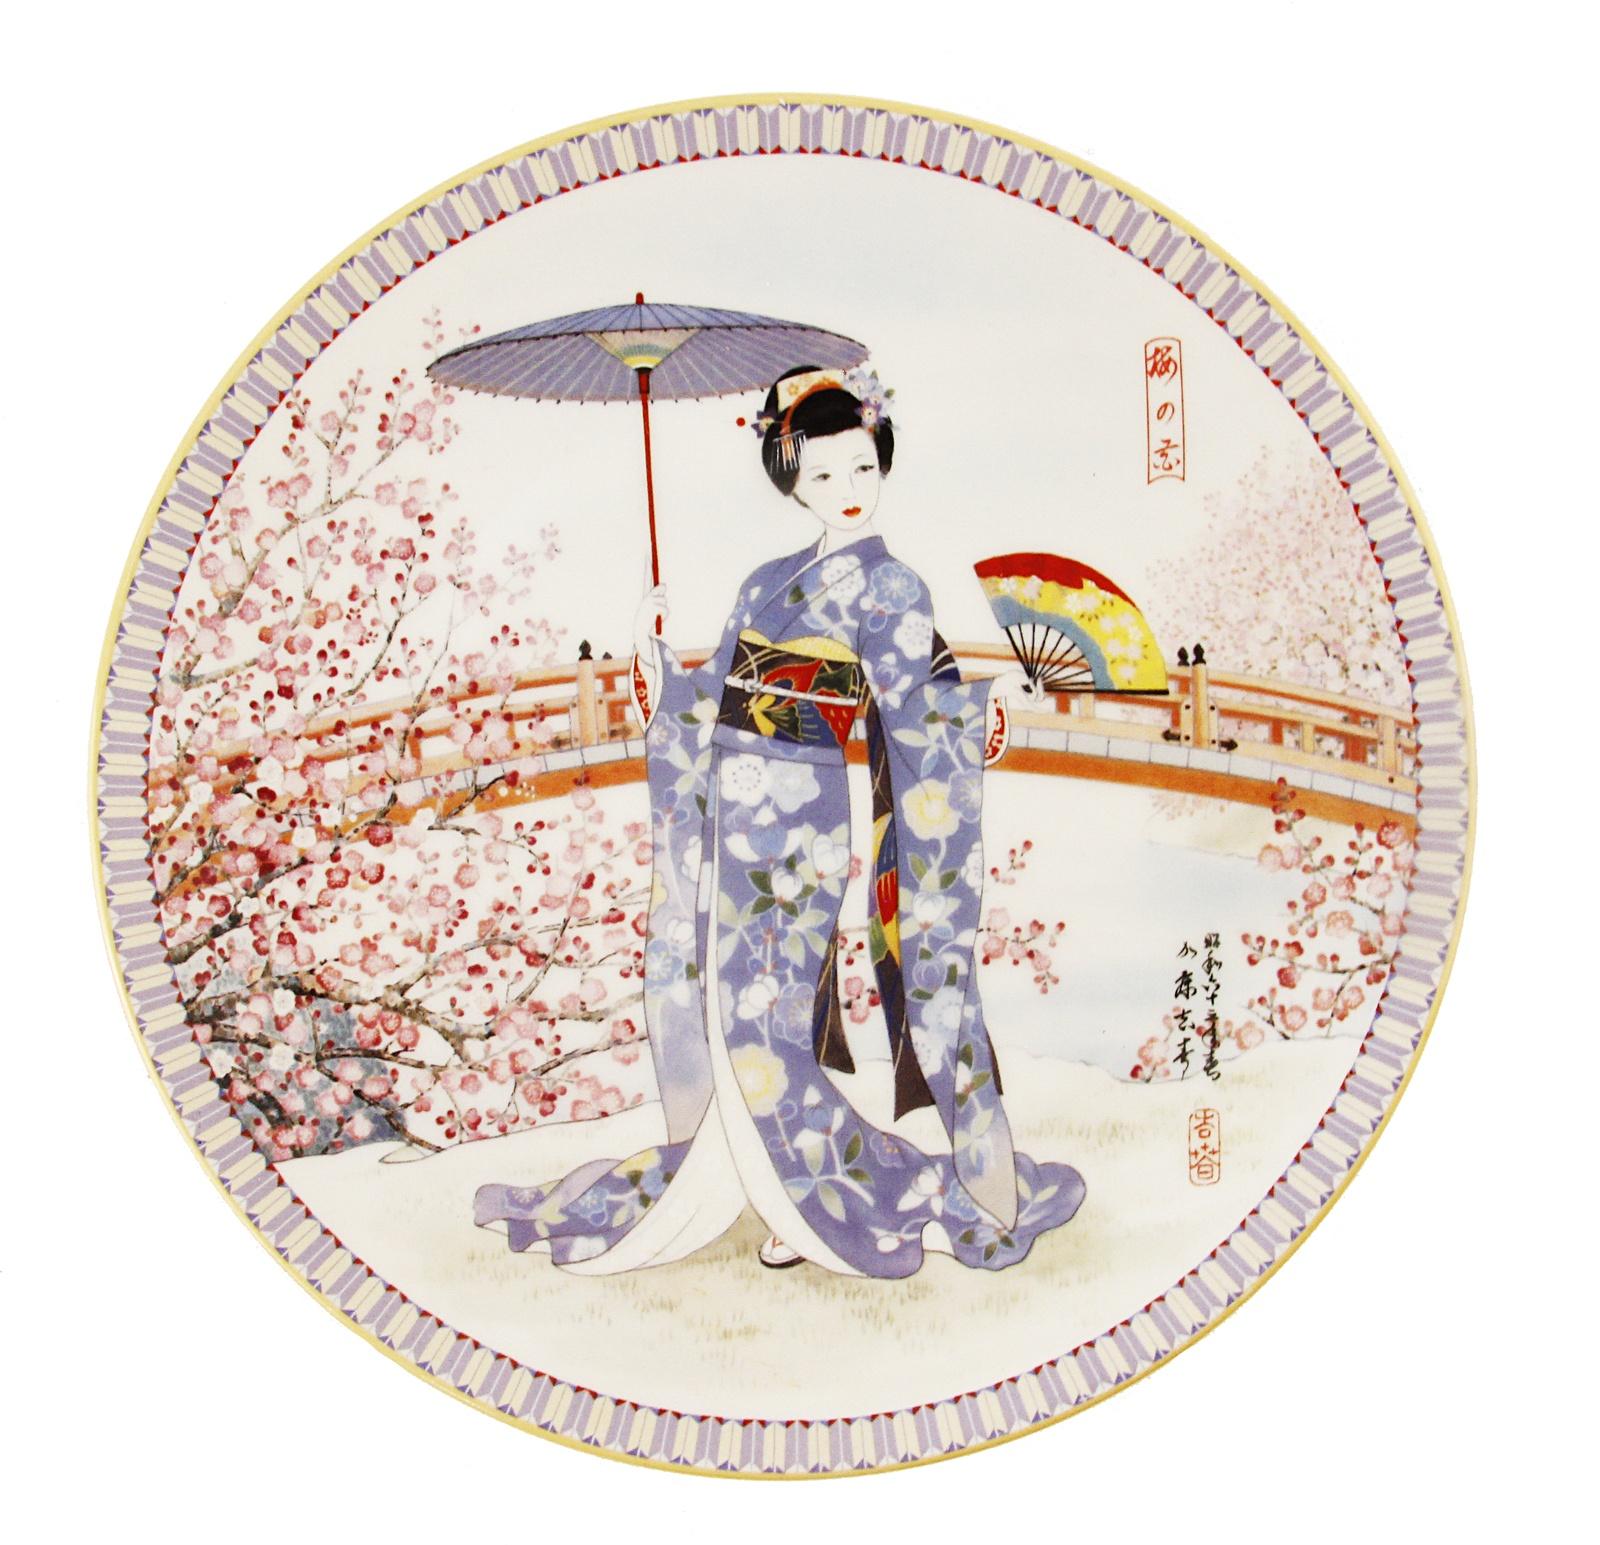 Девушка с зонтом, декоративная тарелка. Фарфор, роспись. Япония, конец XX века декоративная тарелка ketsuzan kiln гейша с зонтиком декоративная тарелка фарфор деколь япония 1990 год